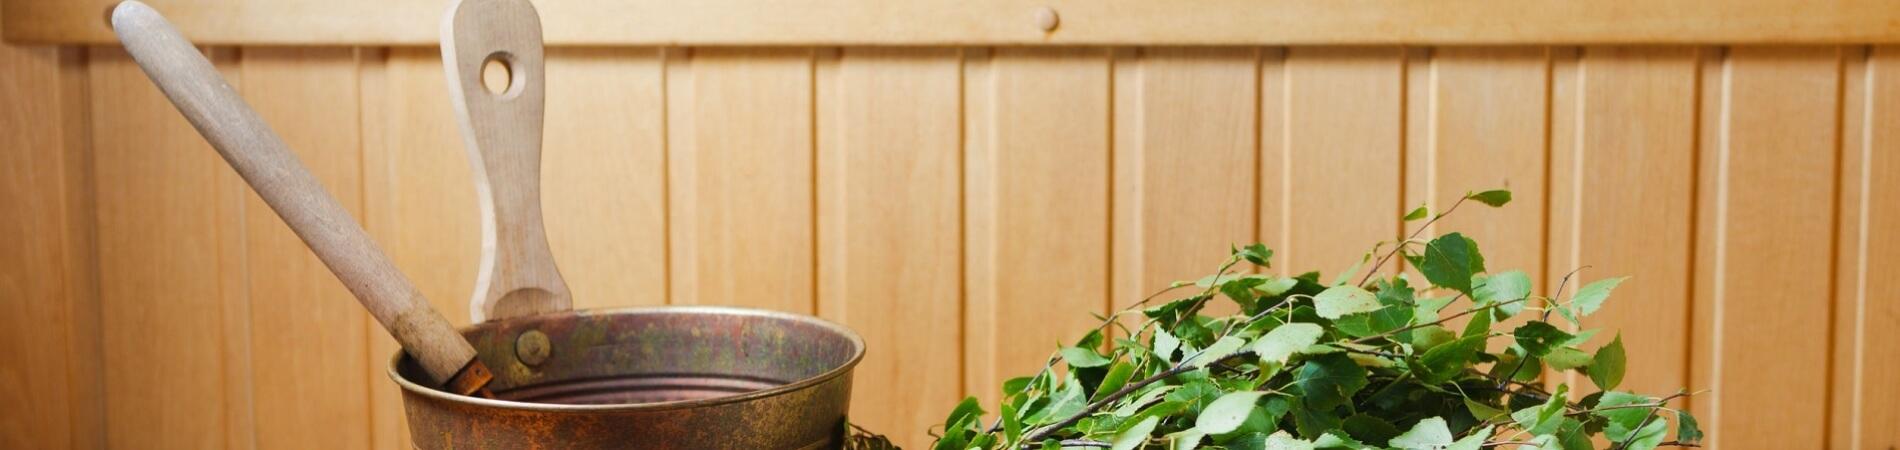 sauna gesundheit 2019 so gesund ist die sauna. Black Bedroom Furniture Sets. Home Design Ideas